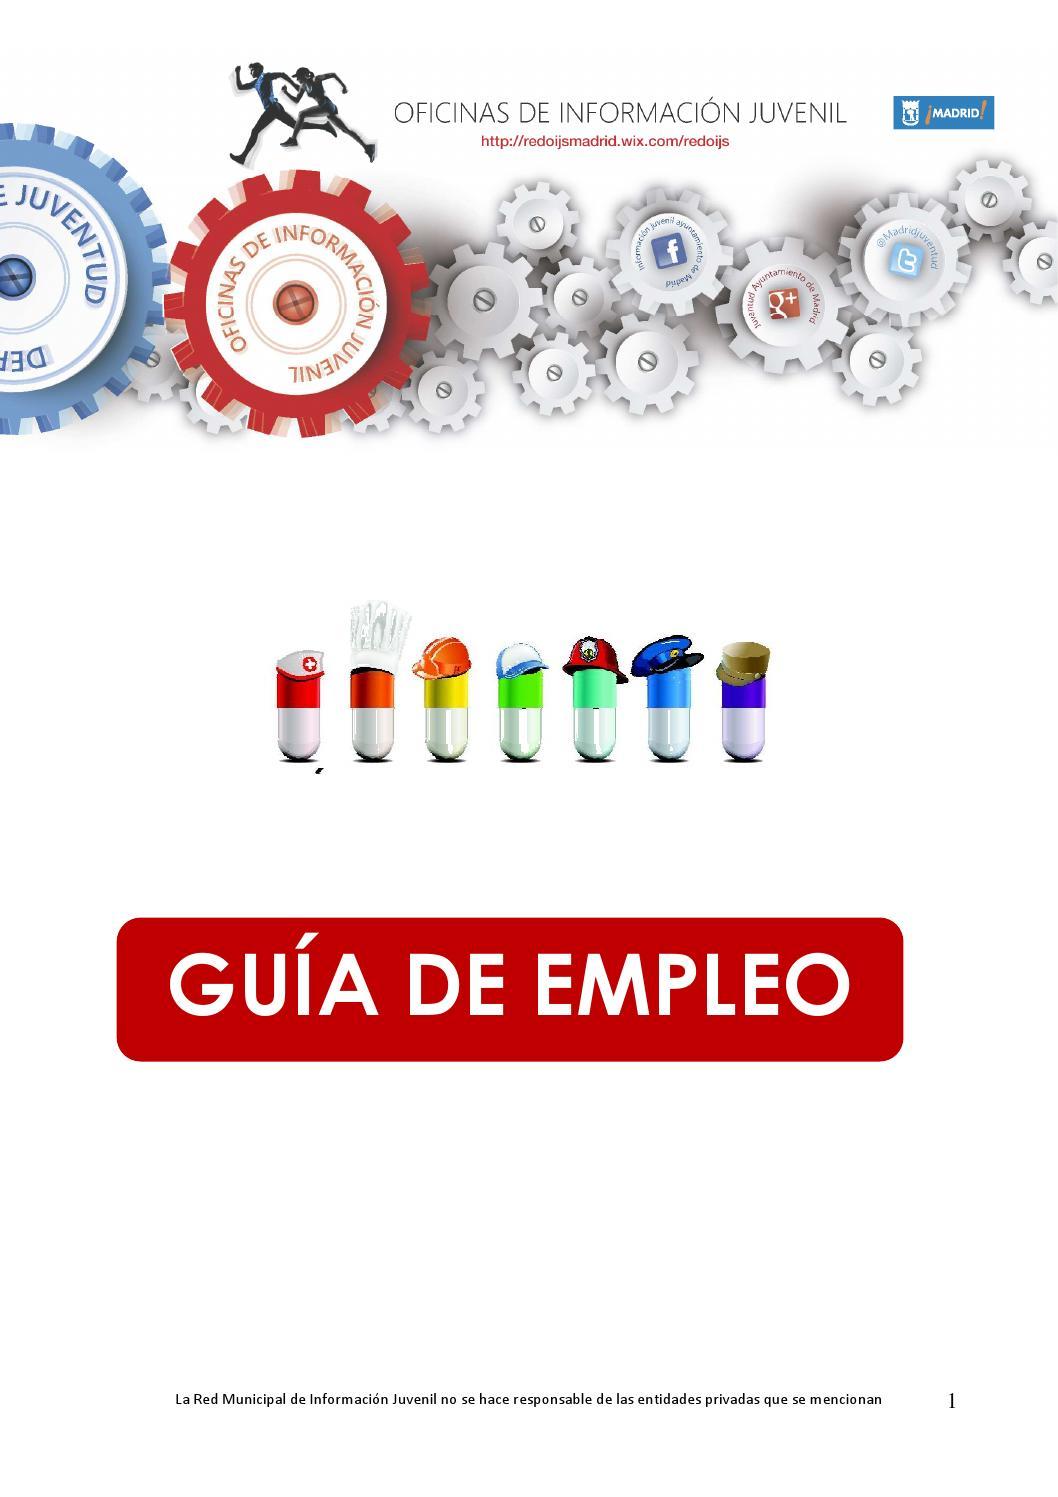 Gu a de empleo 2014 by oficina informacion juvenil for Oficinas de trabajo temporal